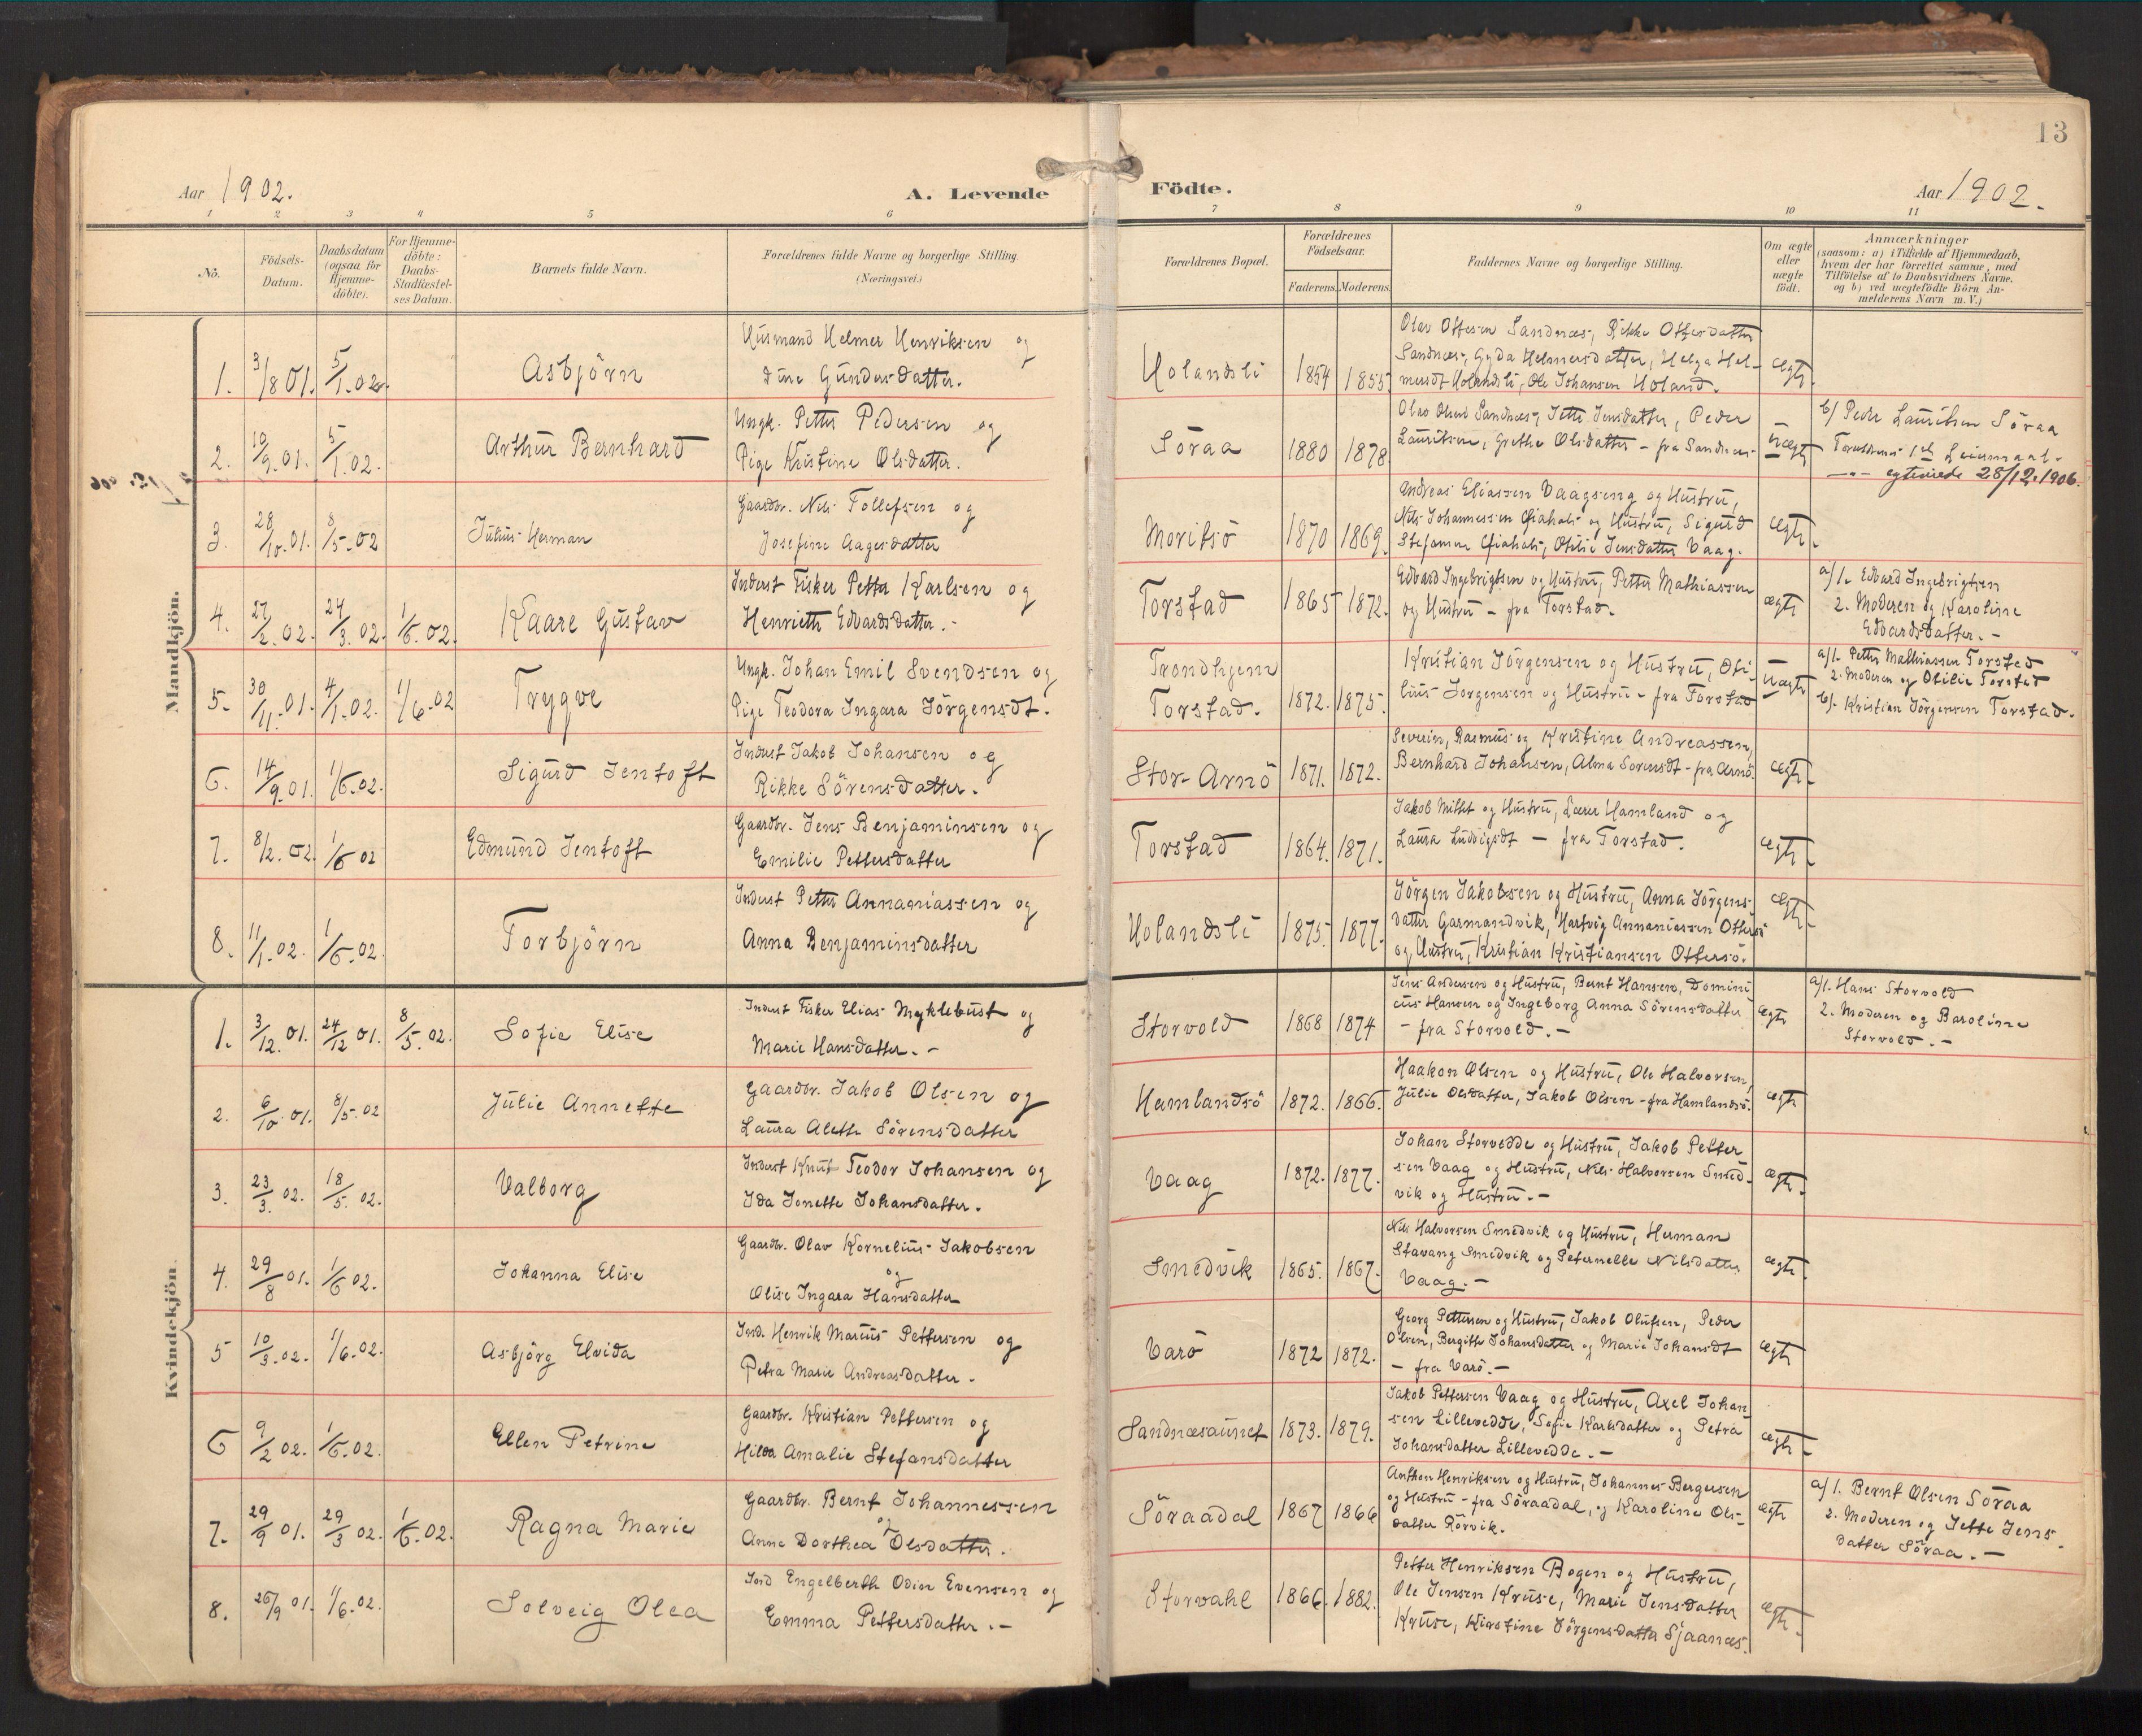 SAT, Ministerialprotokoller, klokkerbøker og fødselsregistre - Nord-Trøndelag, 784/L0677: Ministerialbok nr. 784A12, 1900-1920, s. 13